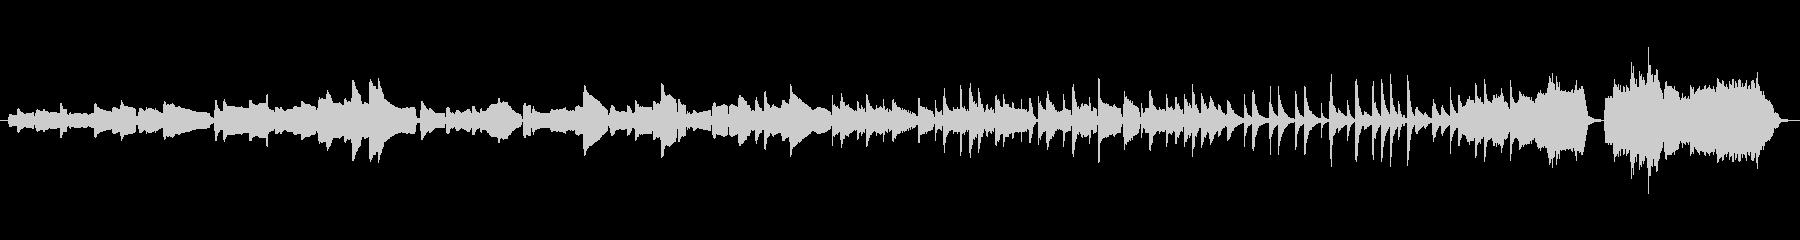 笙・弦楽四重奏・ピアノの唱歌「早春賦」の未再生の波形